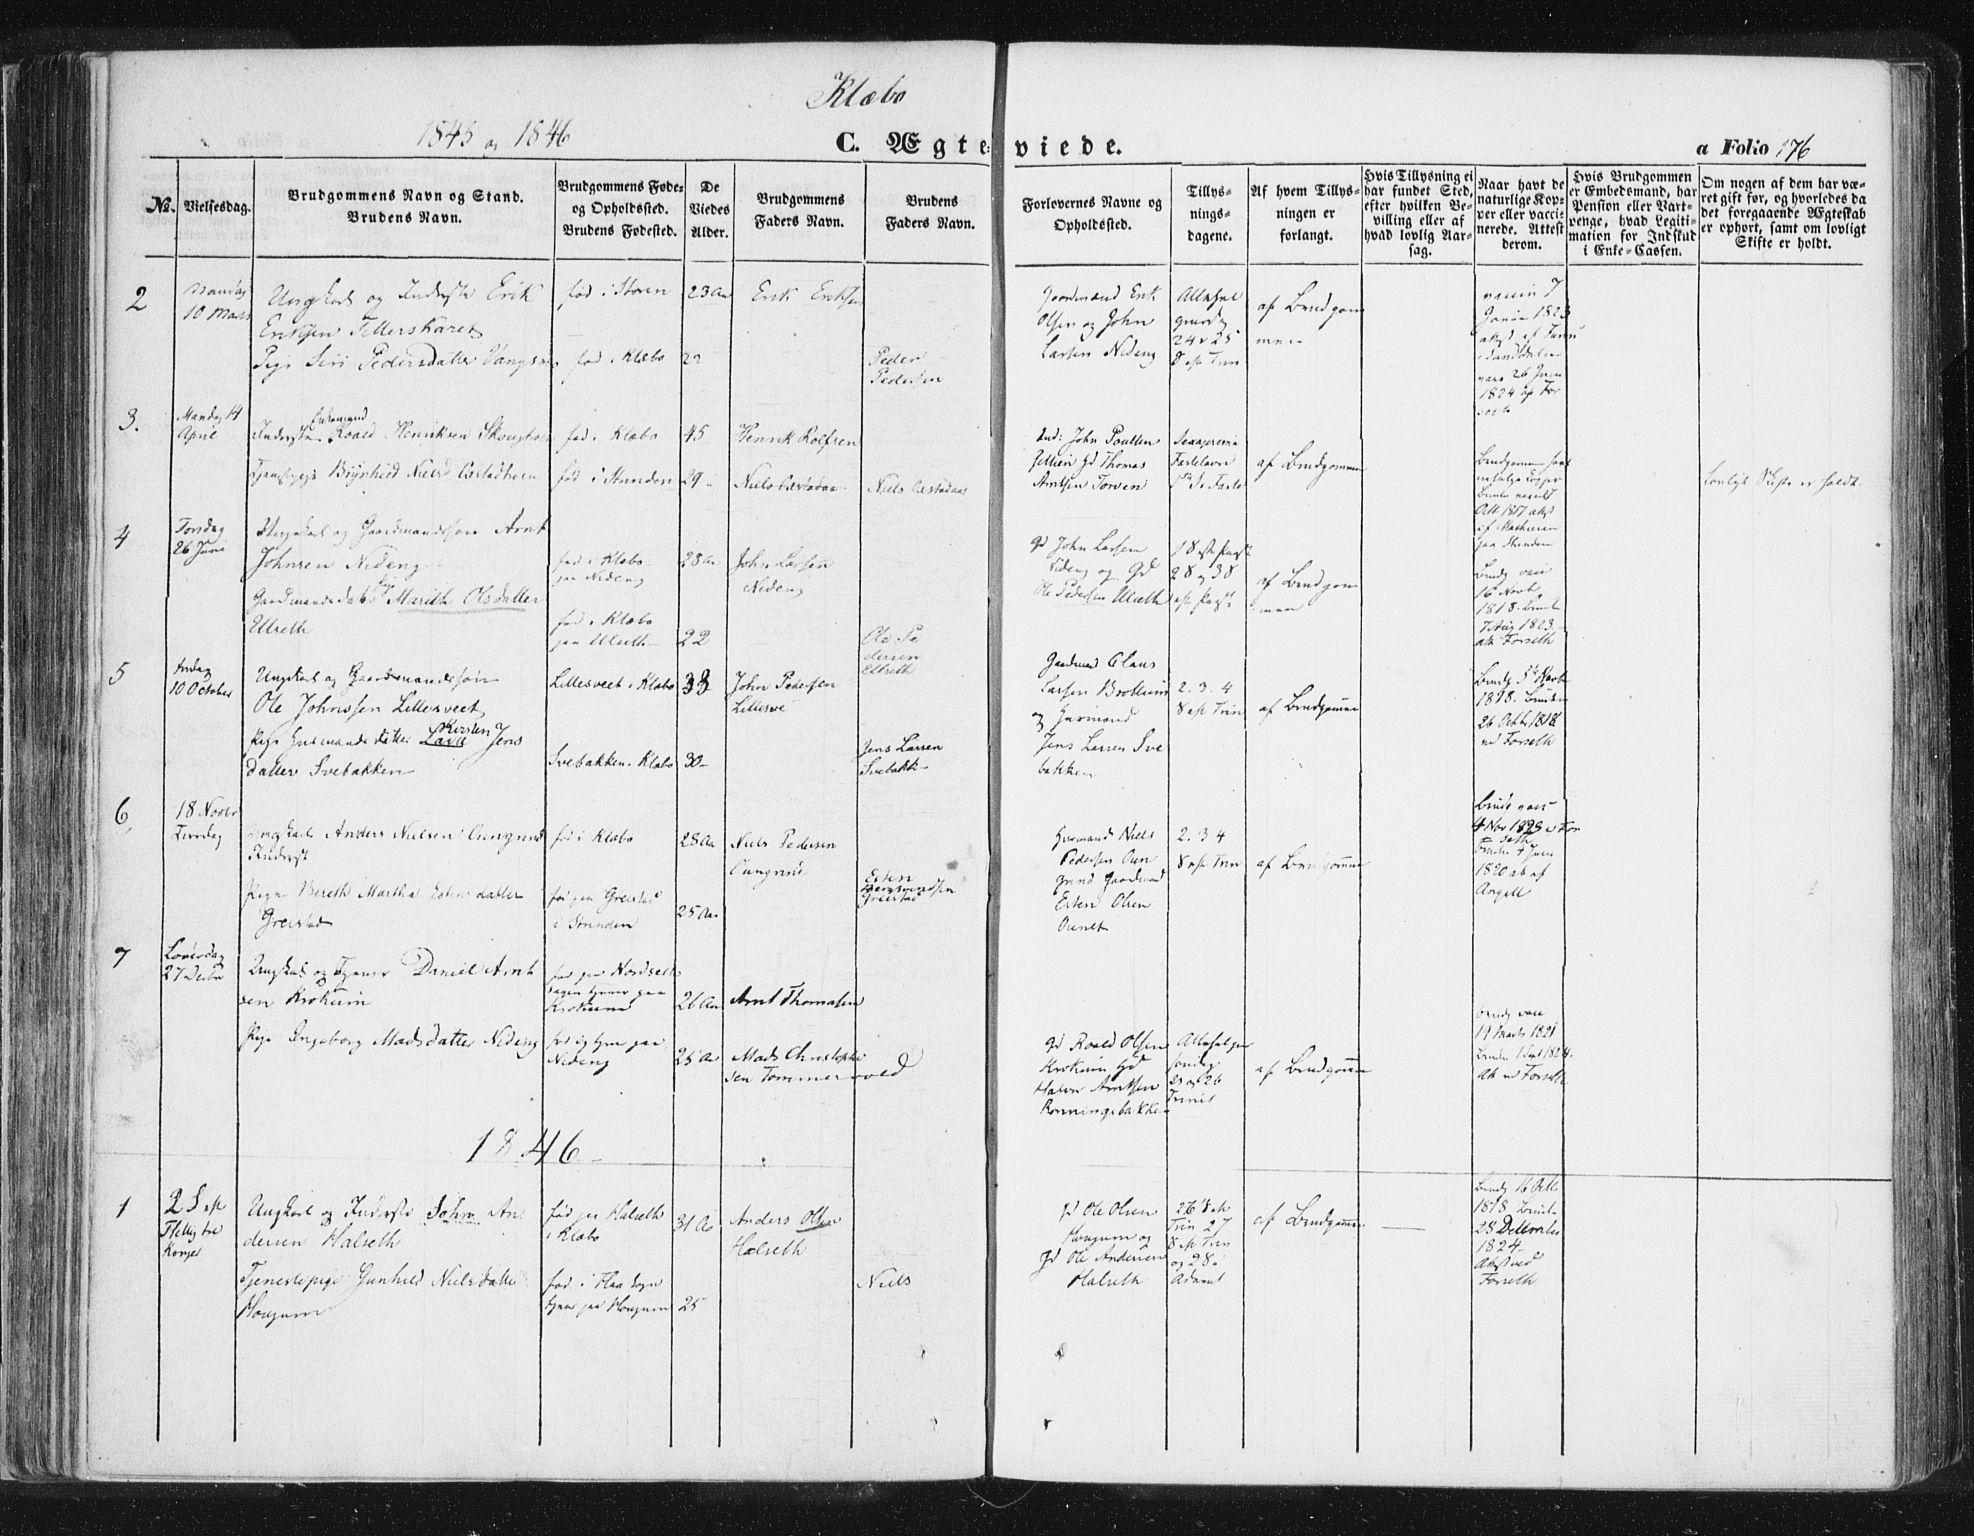 SAT, Ministerialprotokoller, klokkerbøker og fødselsregistre - Sør-Trøndelag, 618/L0441: Ministerialbok nr. 618A05, 1843-1862, s. 176